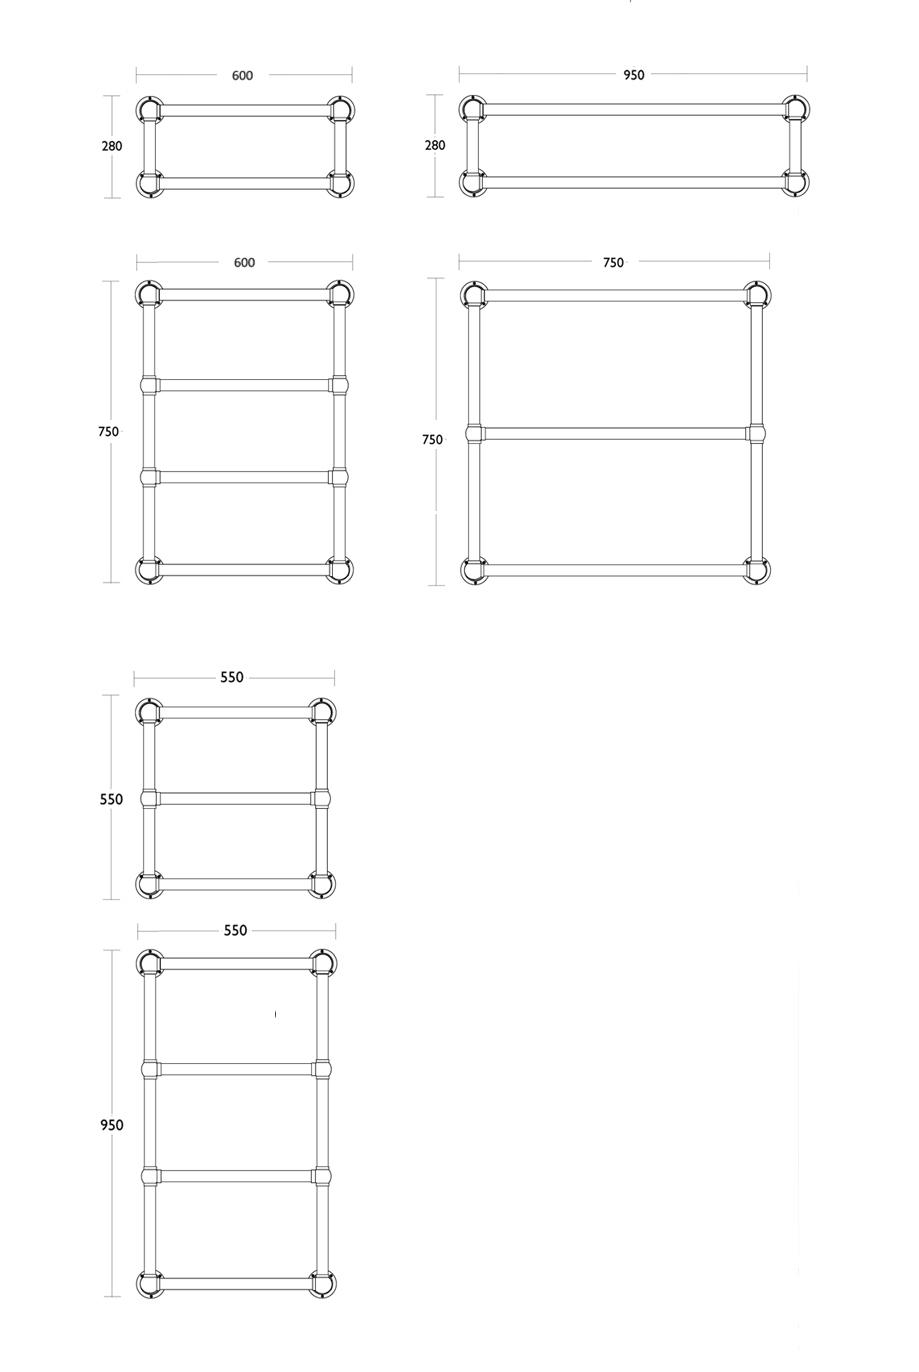 Tolle Heizsystem Design Guide Fotos - Der Schaltplan - triangre.info